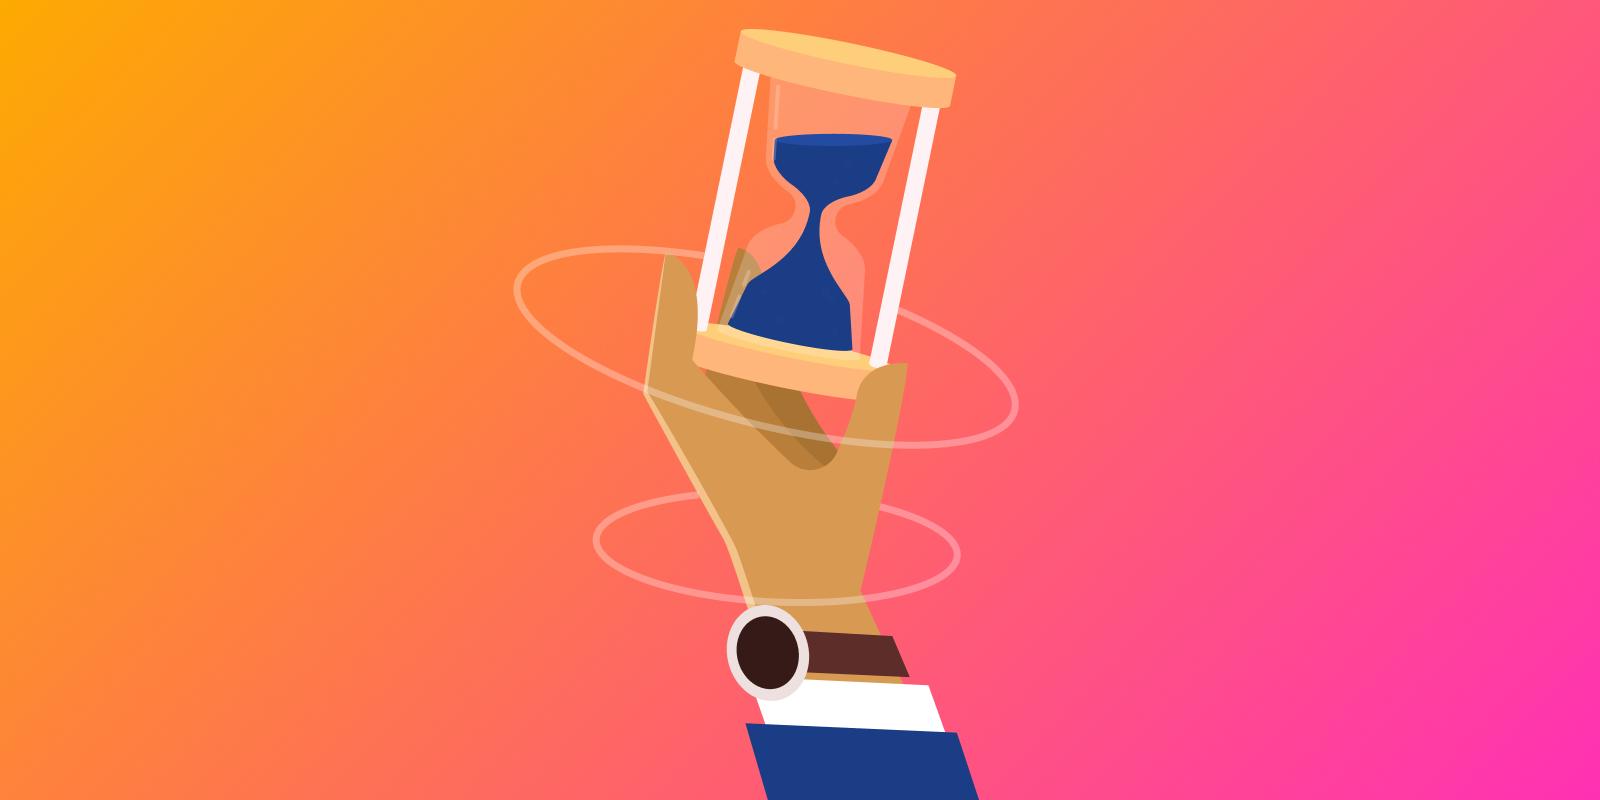 [Перевод] Приёмы в проектировании пользовательского интерфейса, которые сэкономят время